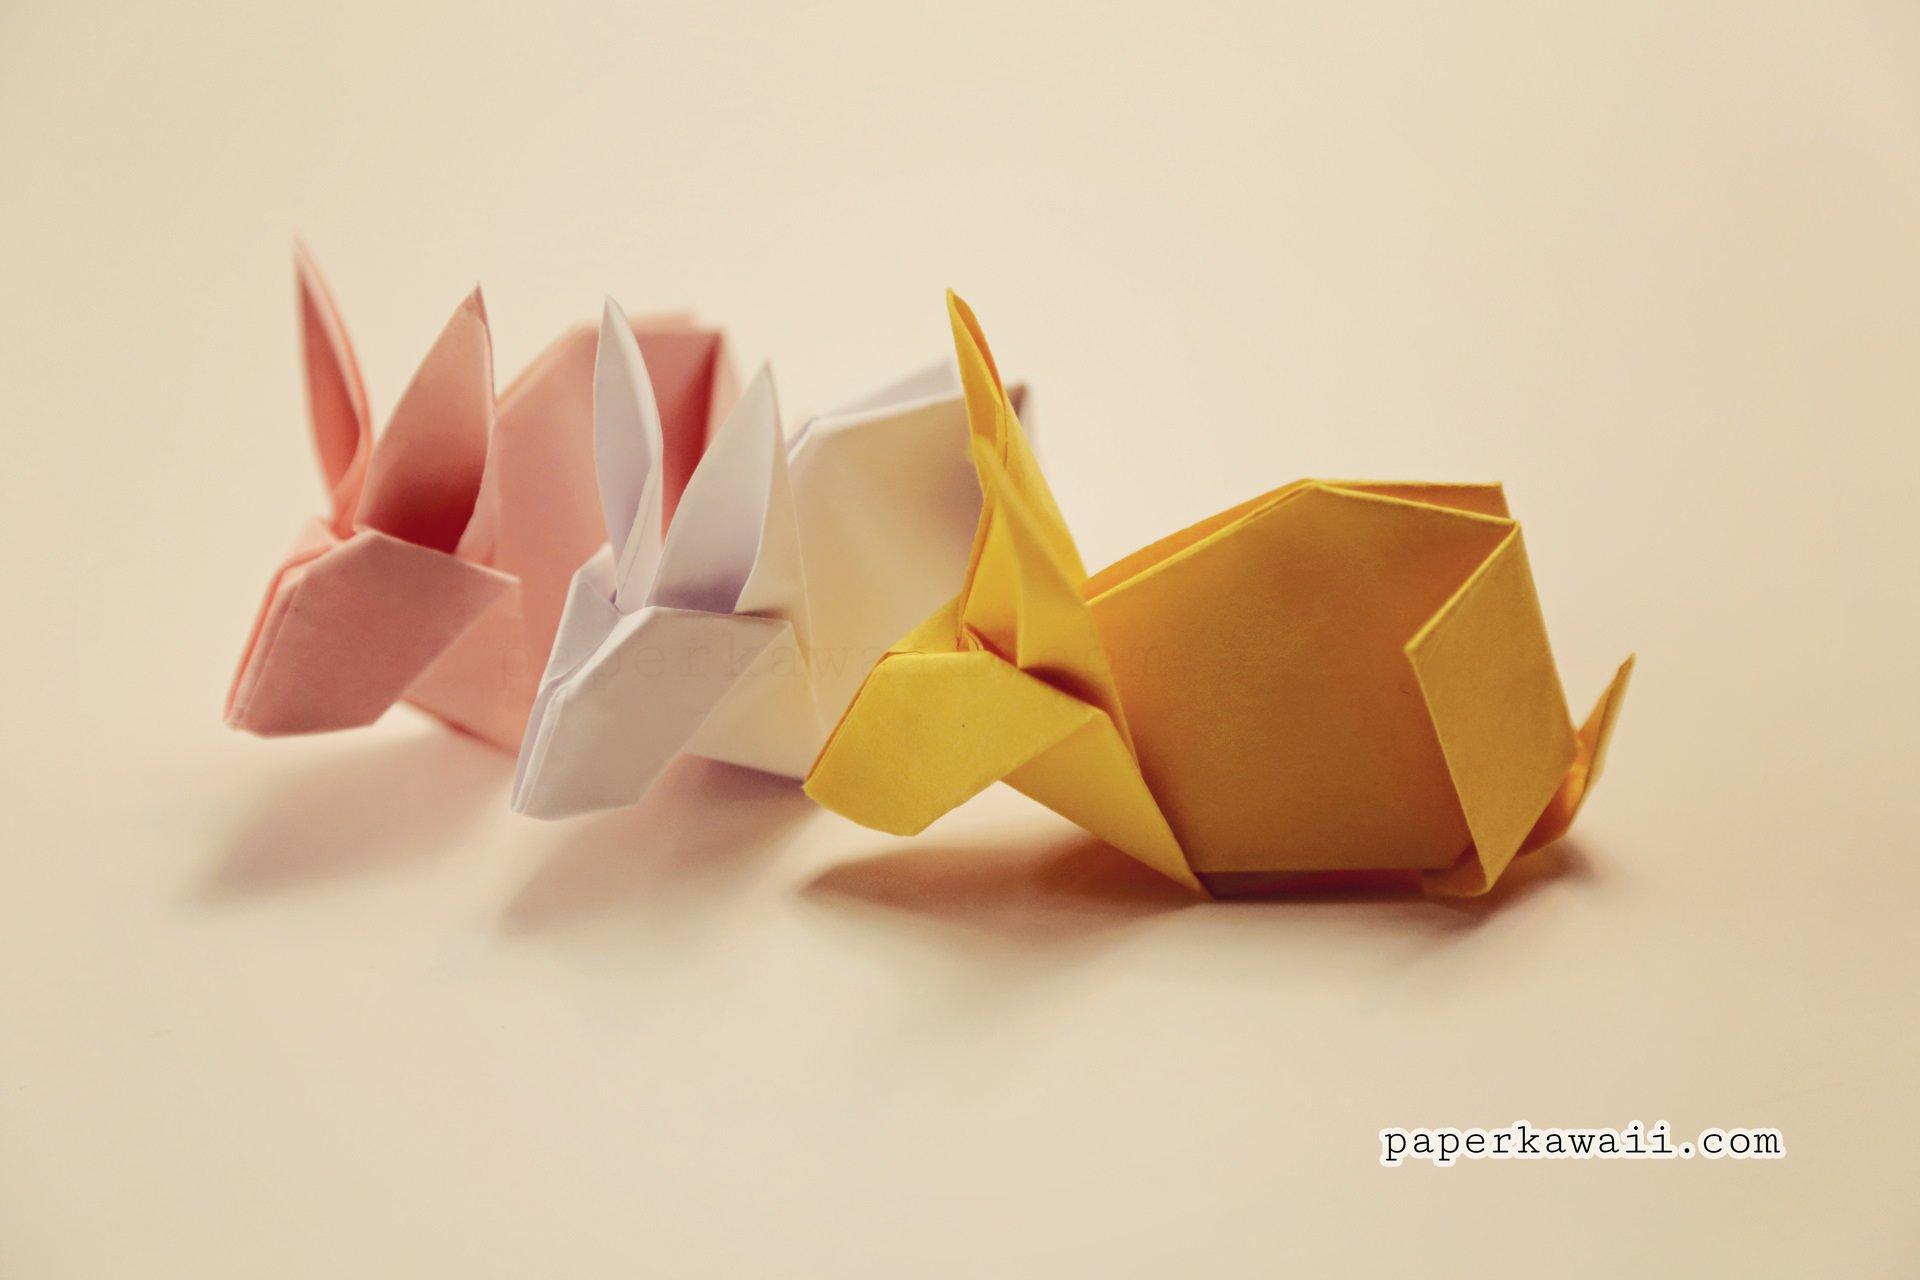 Origami bunny tutorial